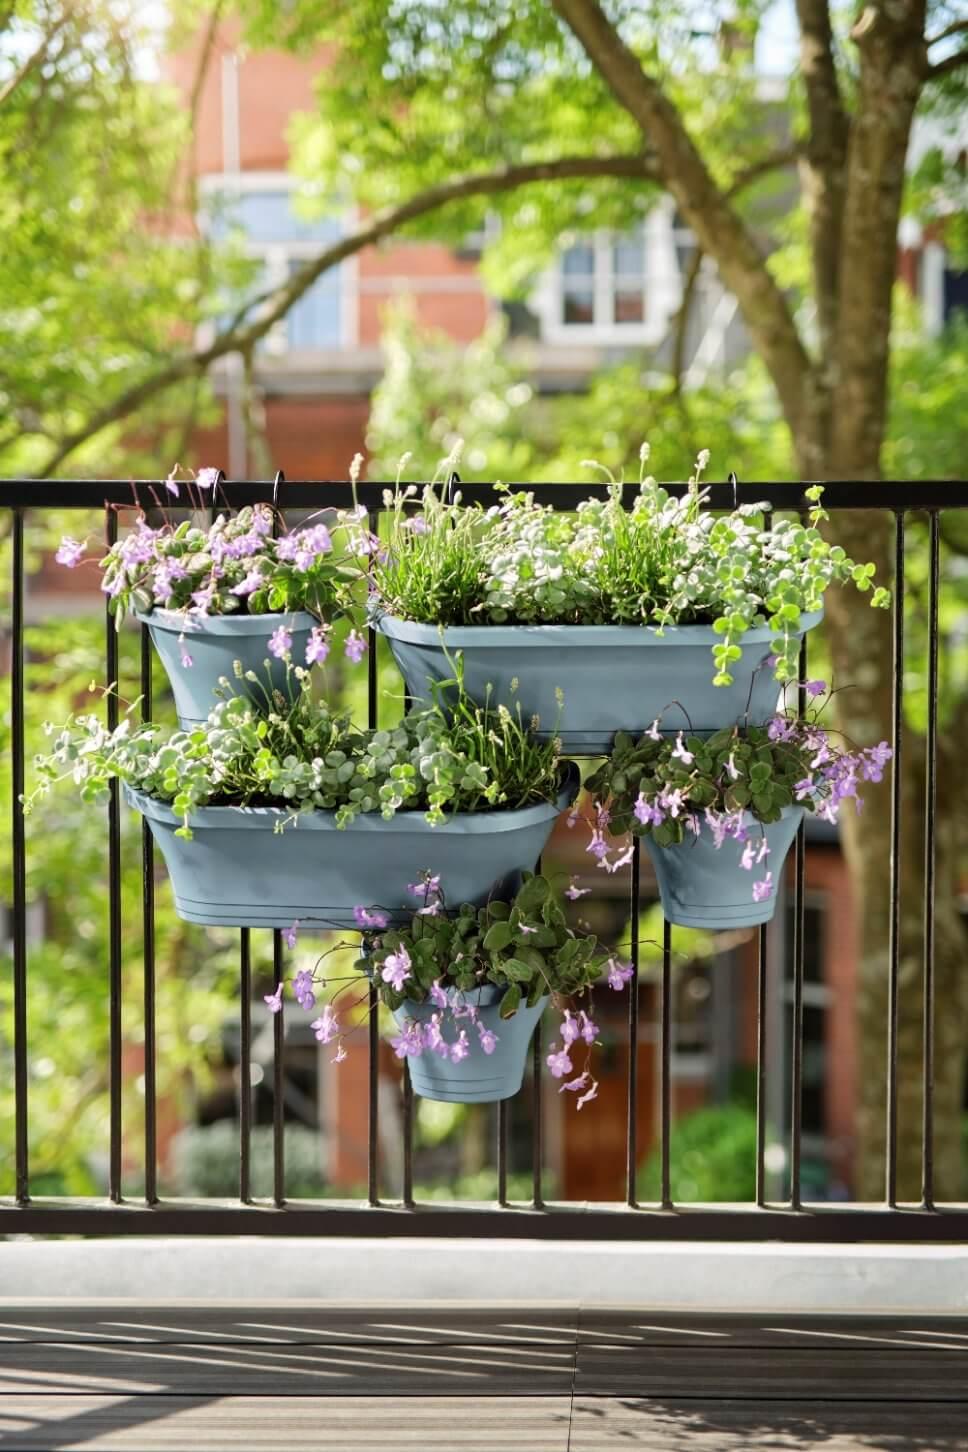 Üppig mit Balkonkasten bepflanzter Balkon